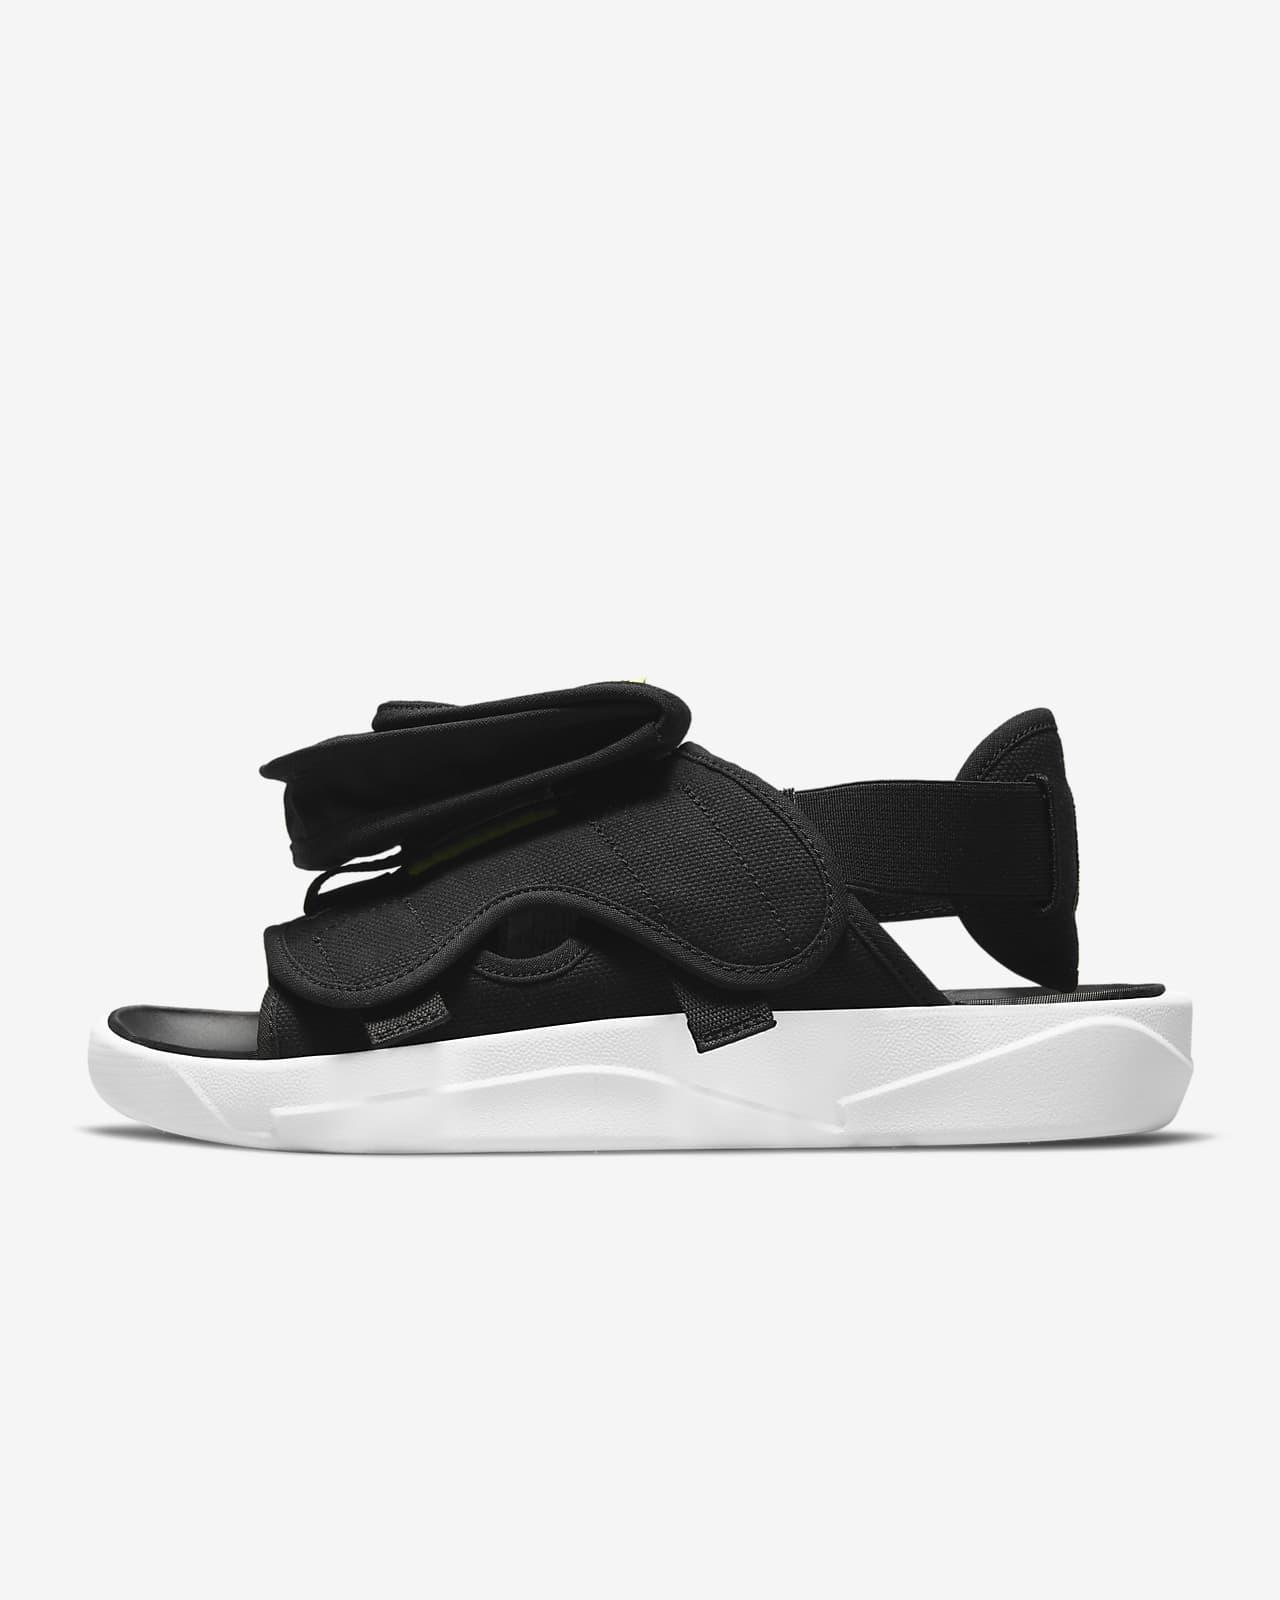 Jordan LS 拖鞋